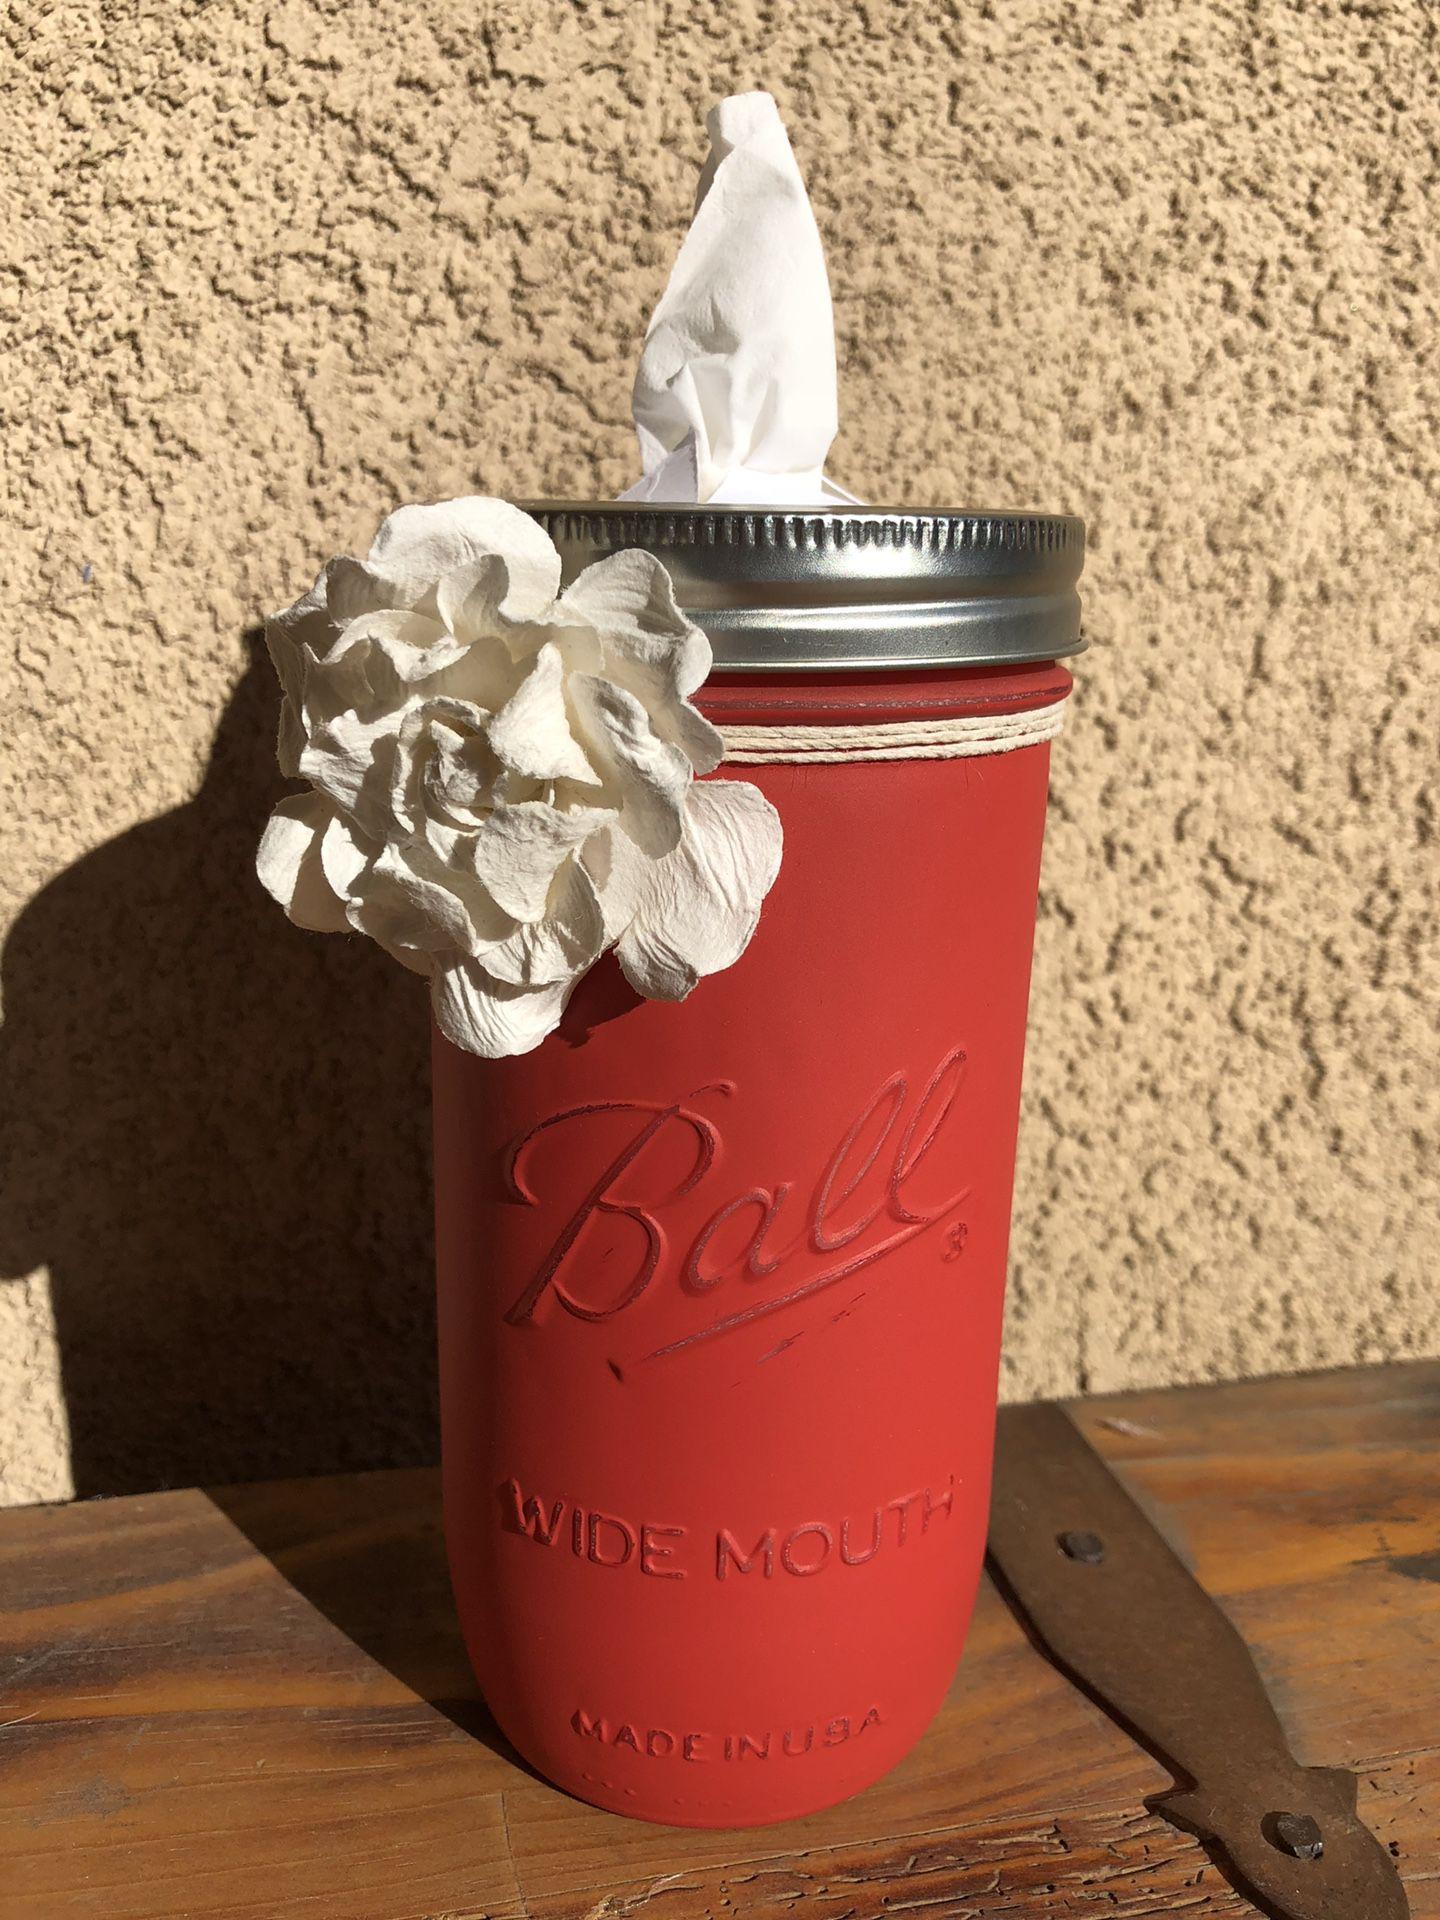 Kleenex Mason Jars